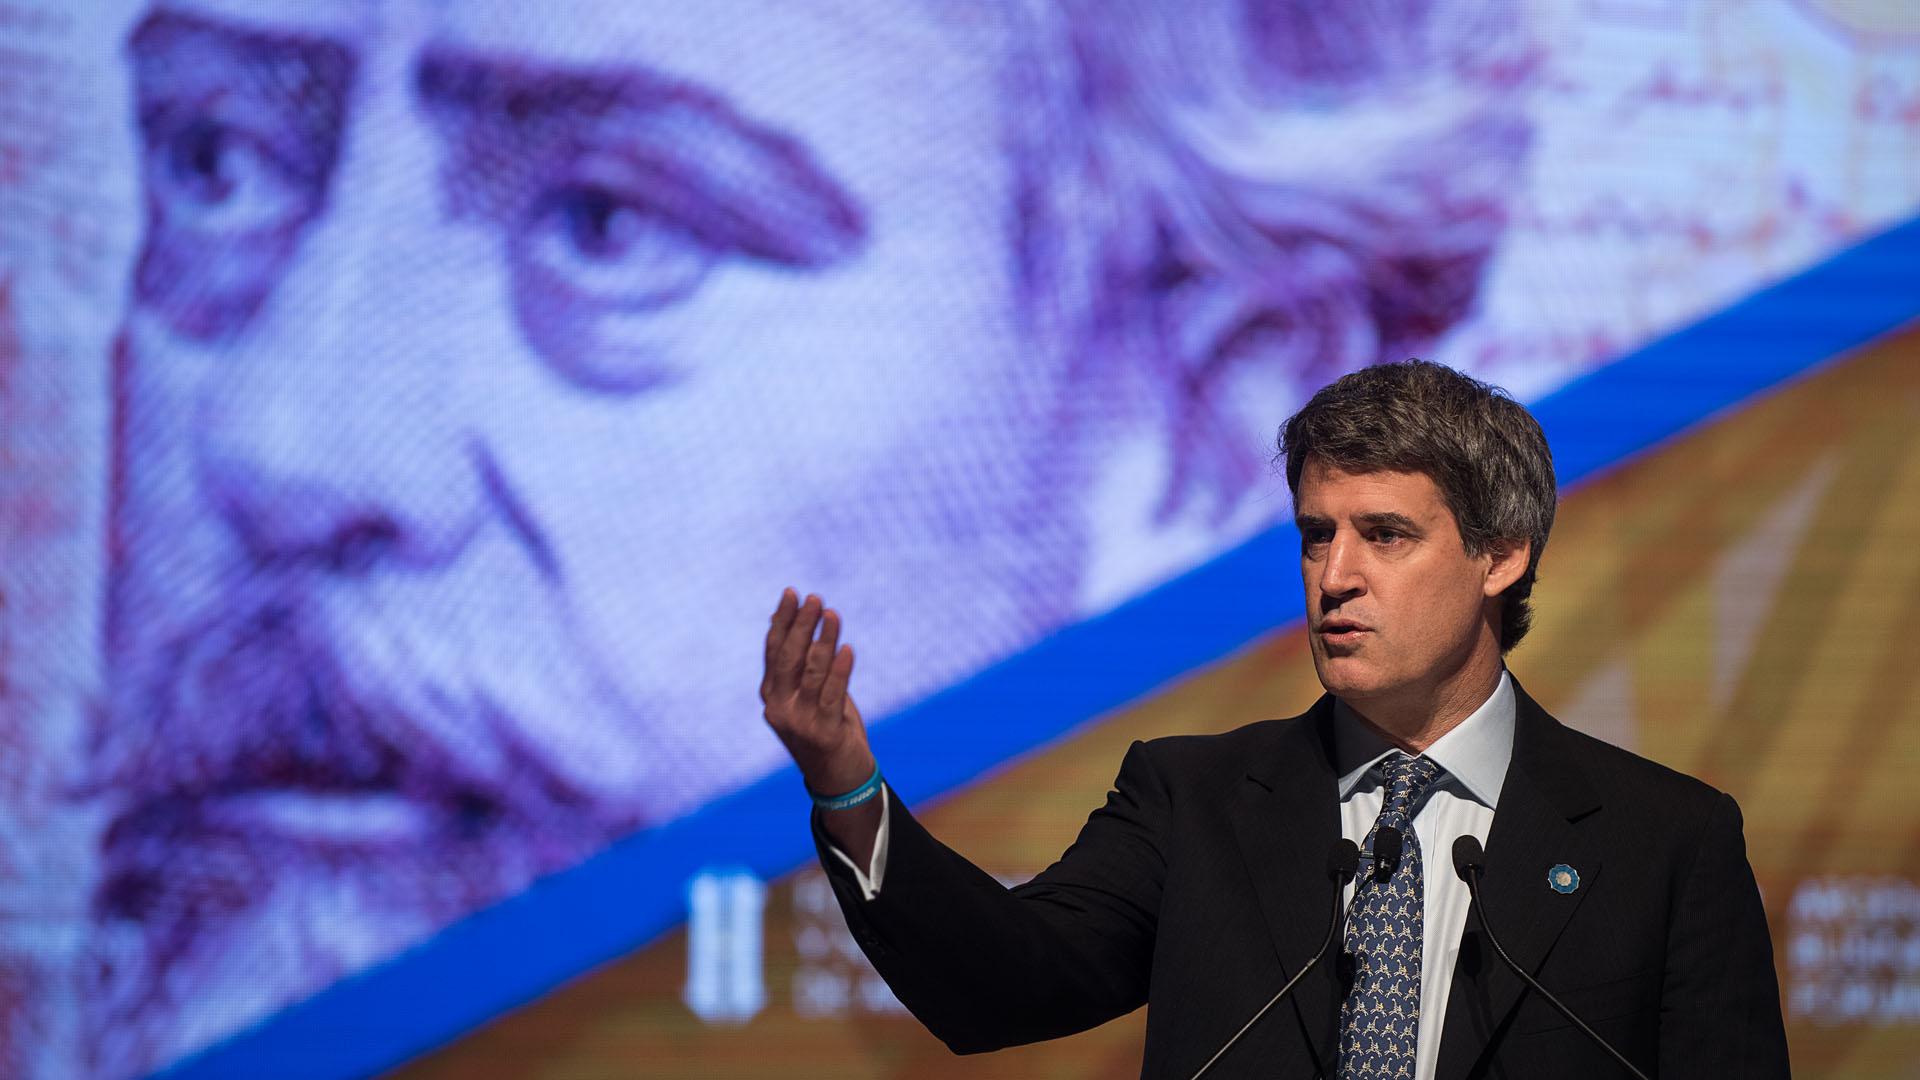 El ministro de Hacienda realizó un pantallazo general de la actual economía argentina en la apertura de la segunda jornada del Foro de Inversión y Negocios que se realiza en el Centro Cultural Kirchner